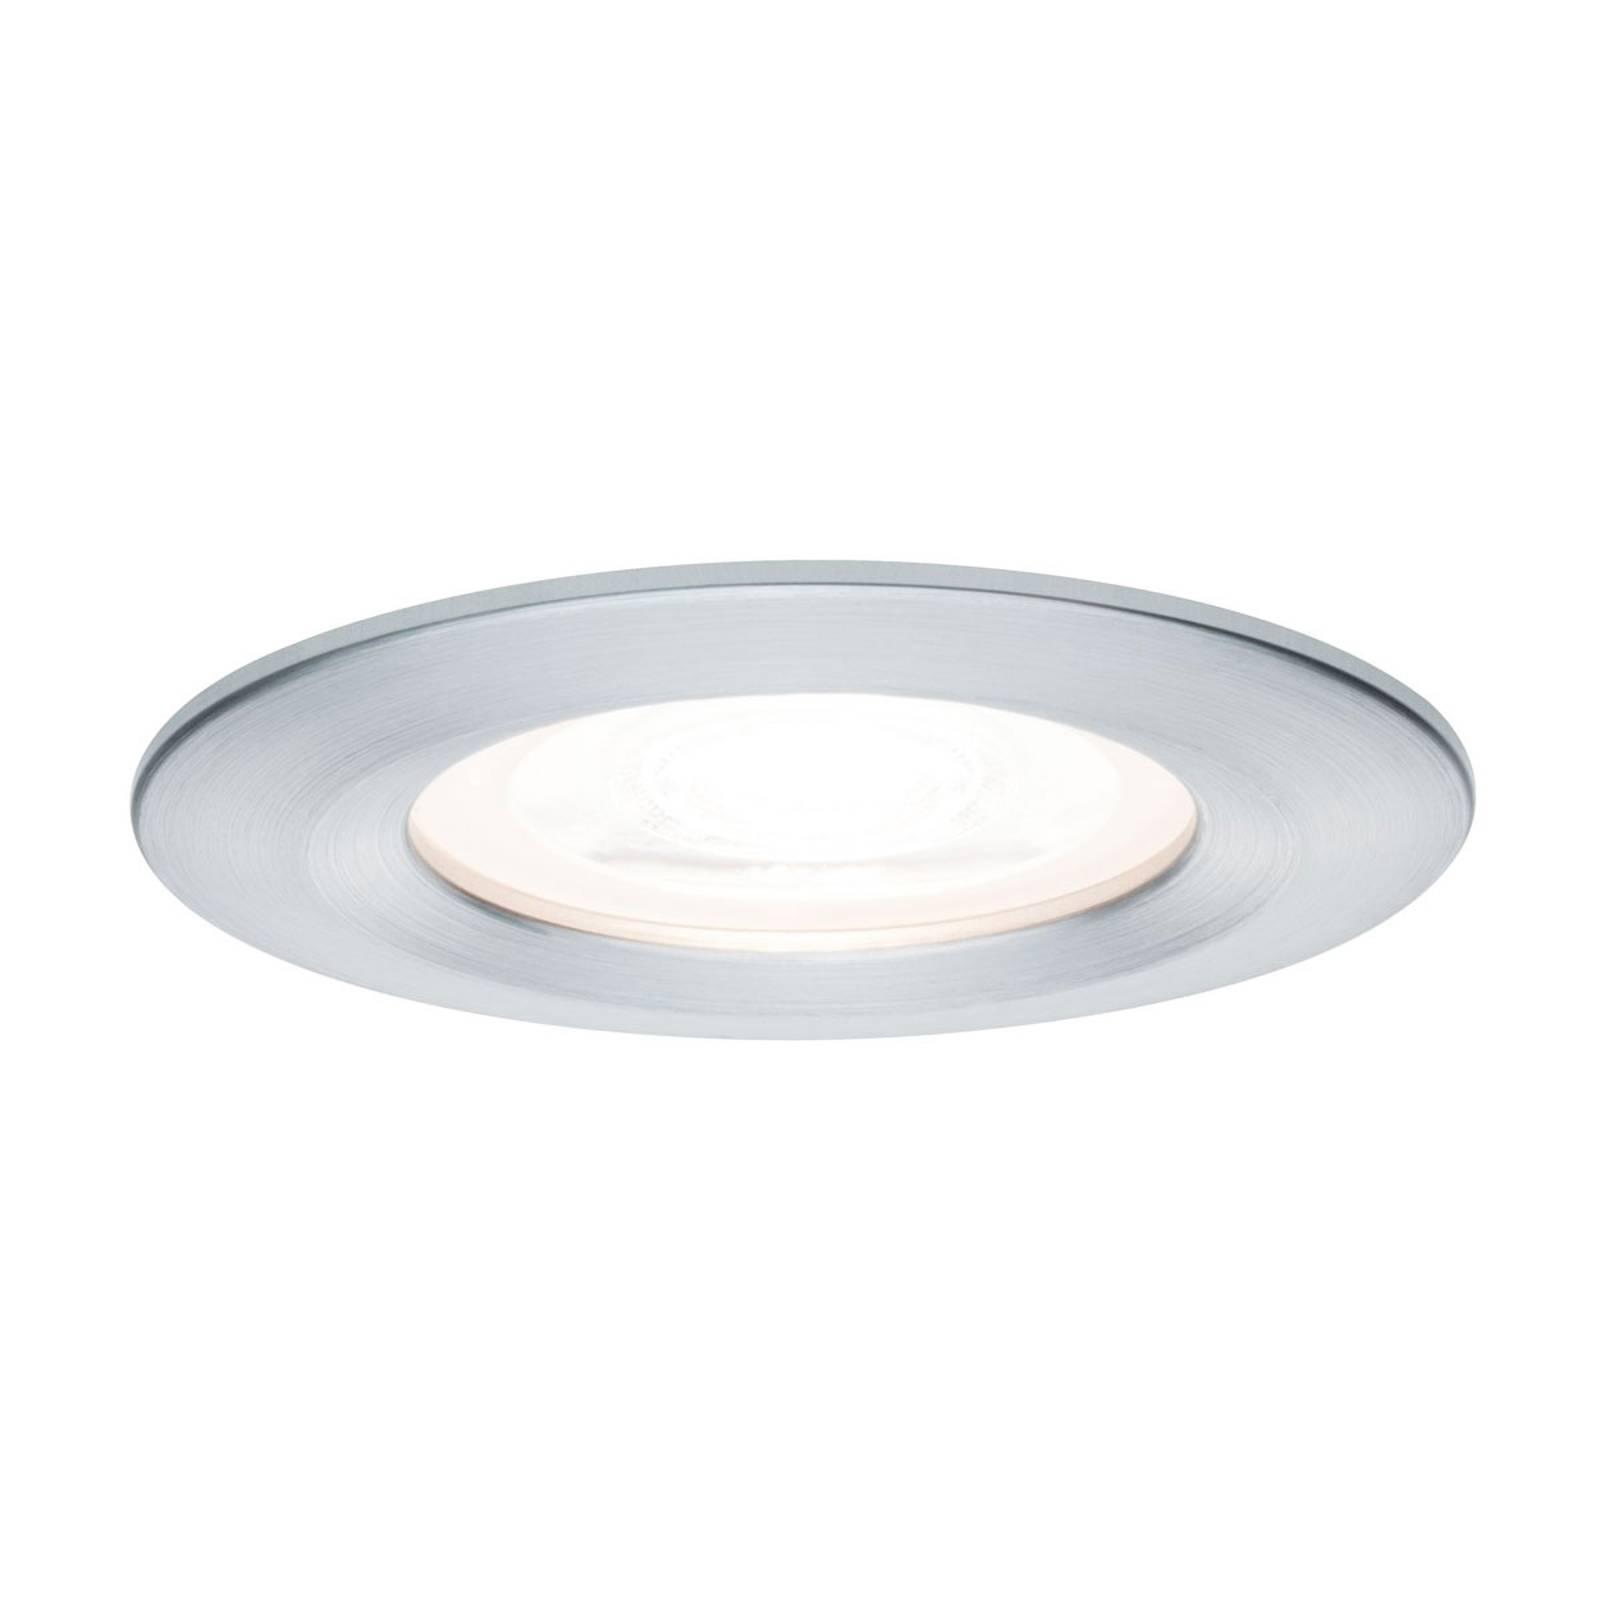 Paulmann LED-spotti Nova pyöreä, IP44, alumiini